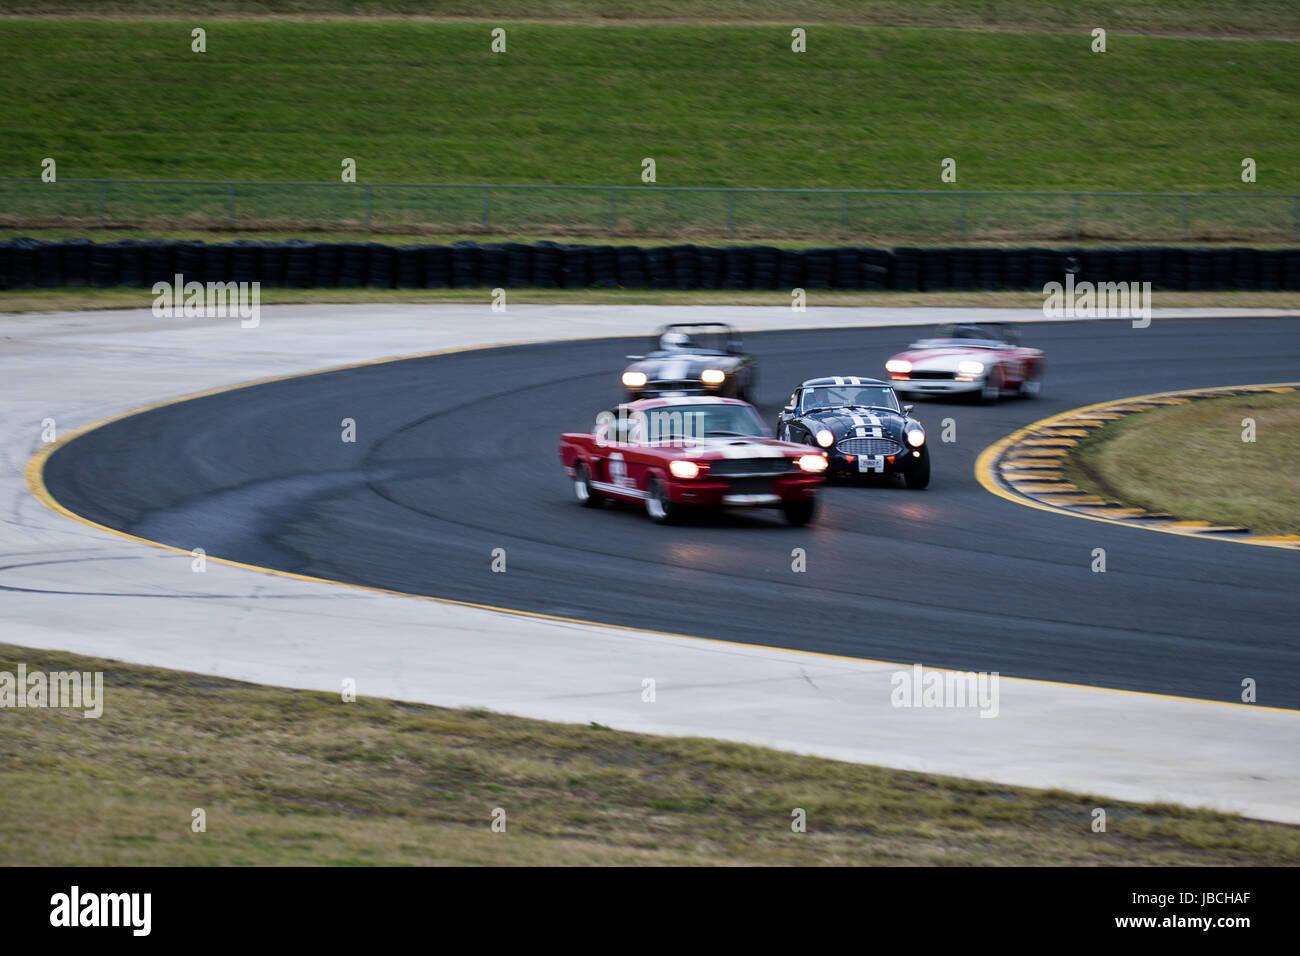 Sydney Motorsport Park, 10. Juni 2017.  Gruppe S-Rennen von Geoff Pike. Anthony fesselte/Alamy Live-Nachrichten Stockbild